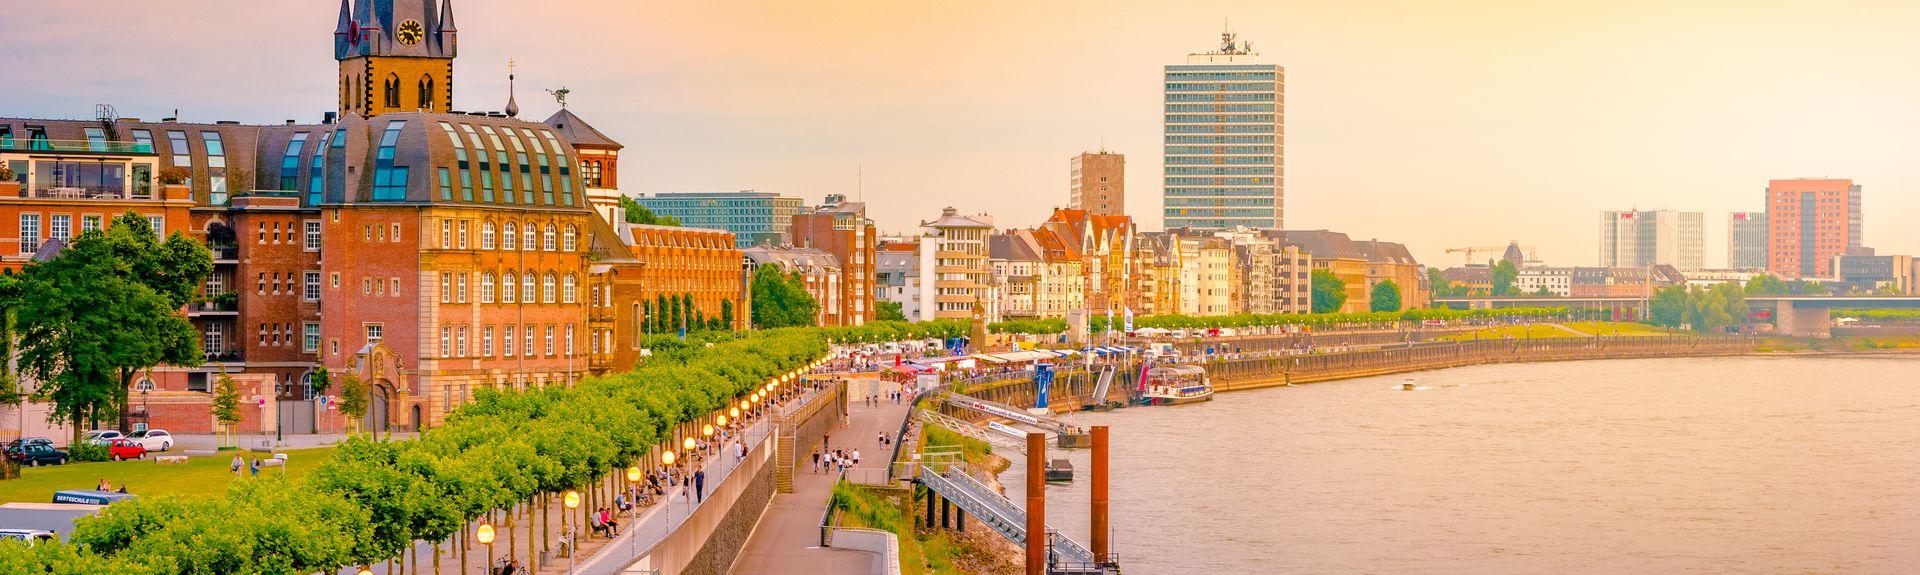 Düsseldorf, Rhénanie-du-Nord-Westphalie, Allemagne